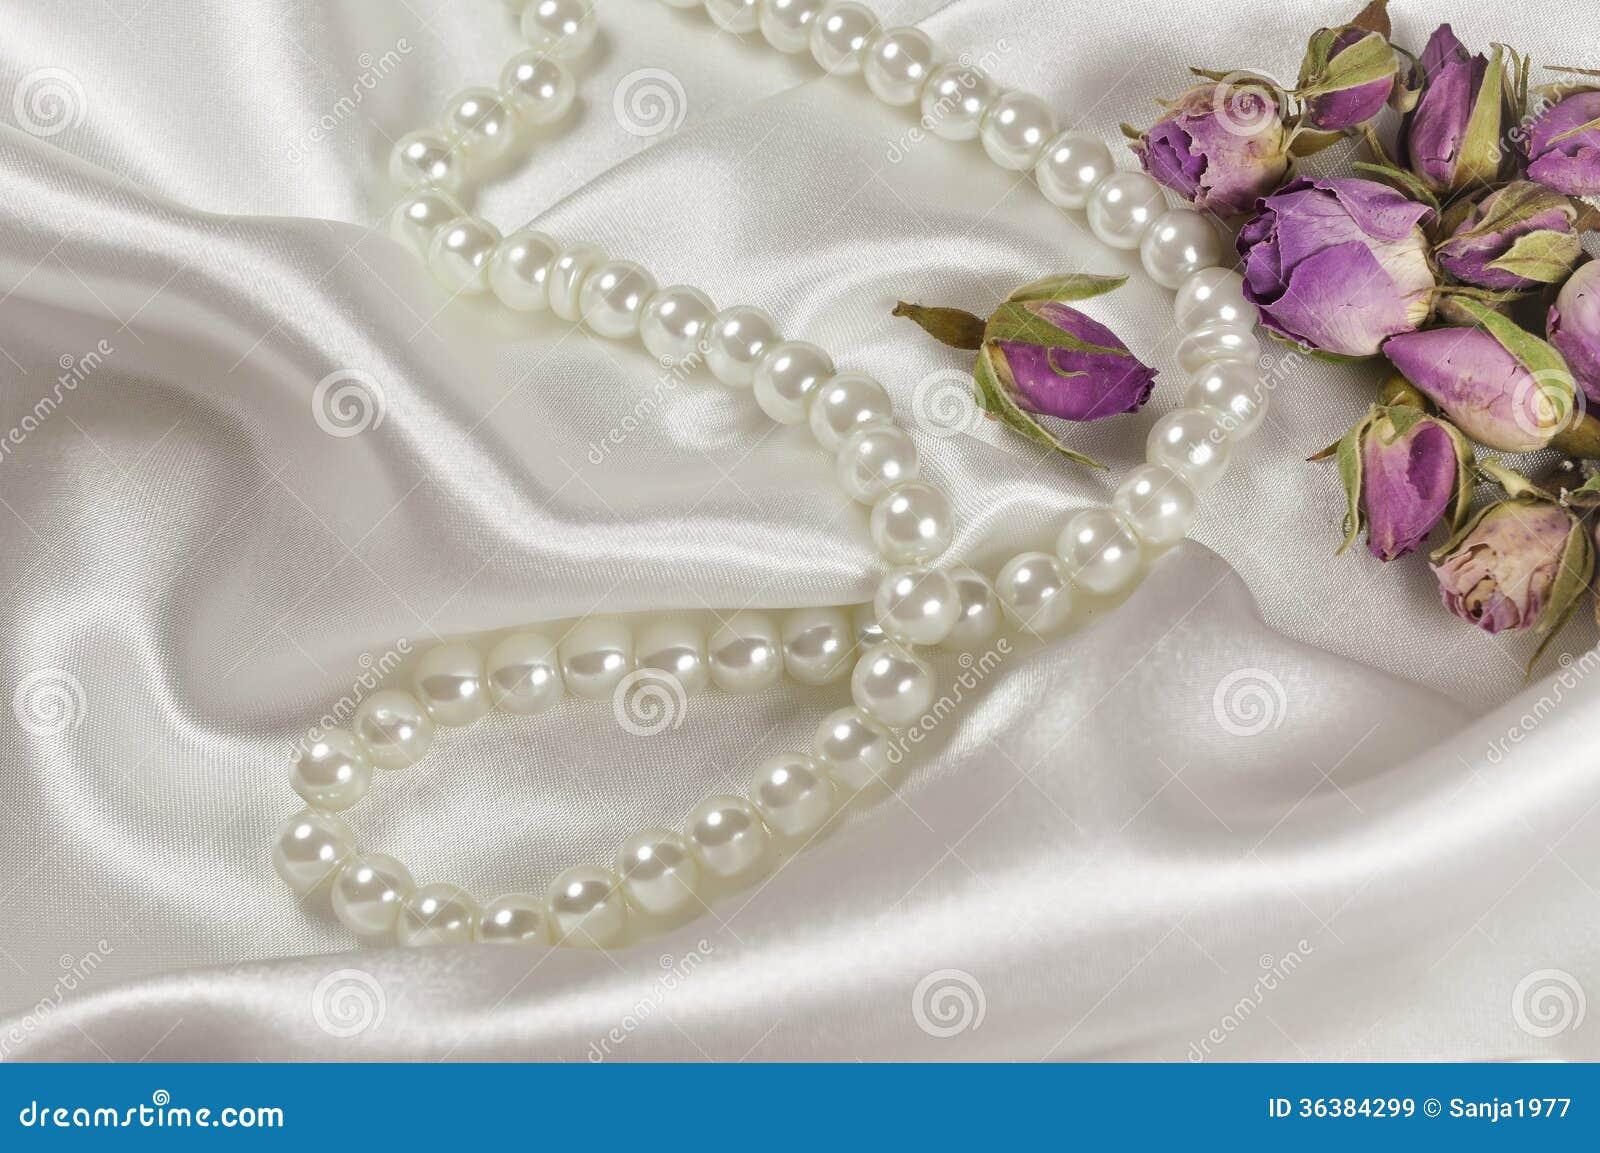 Wedding Invitation Luxury for luxury invitations ideas